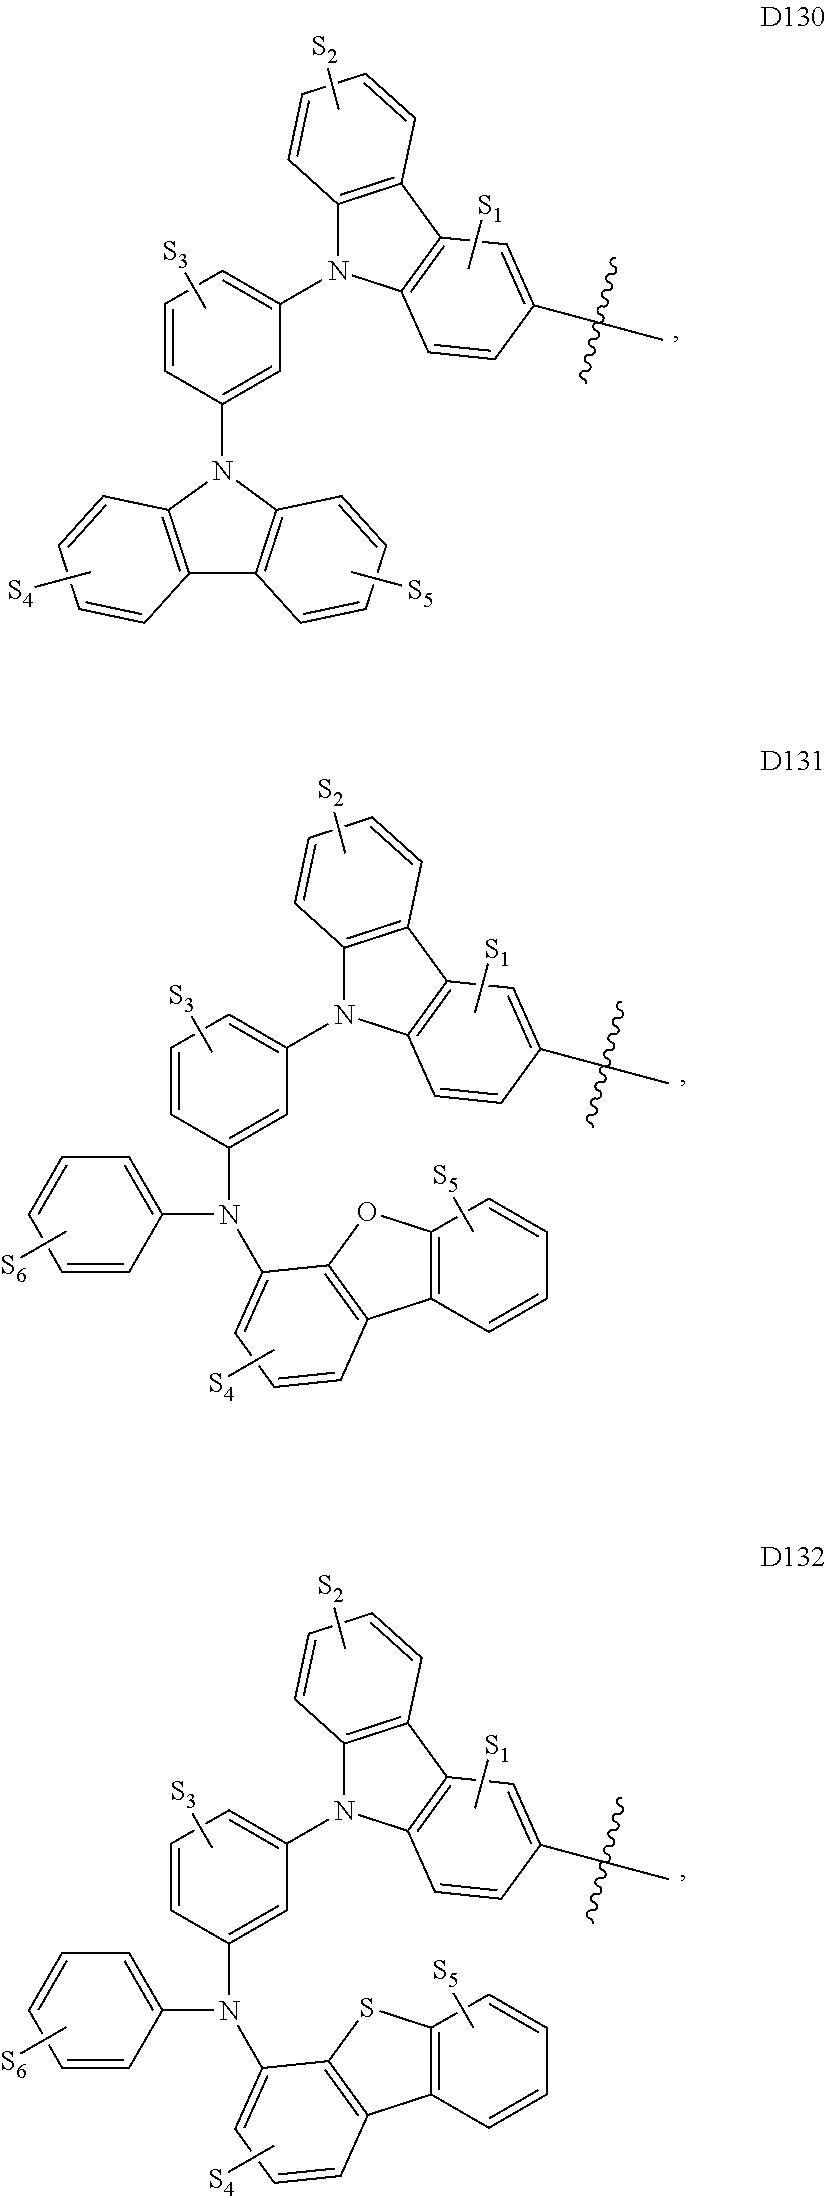 Figure US09537106-20170103-C00050